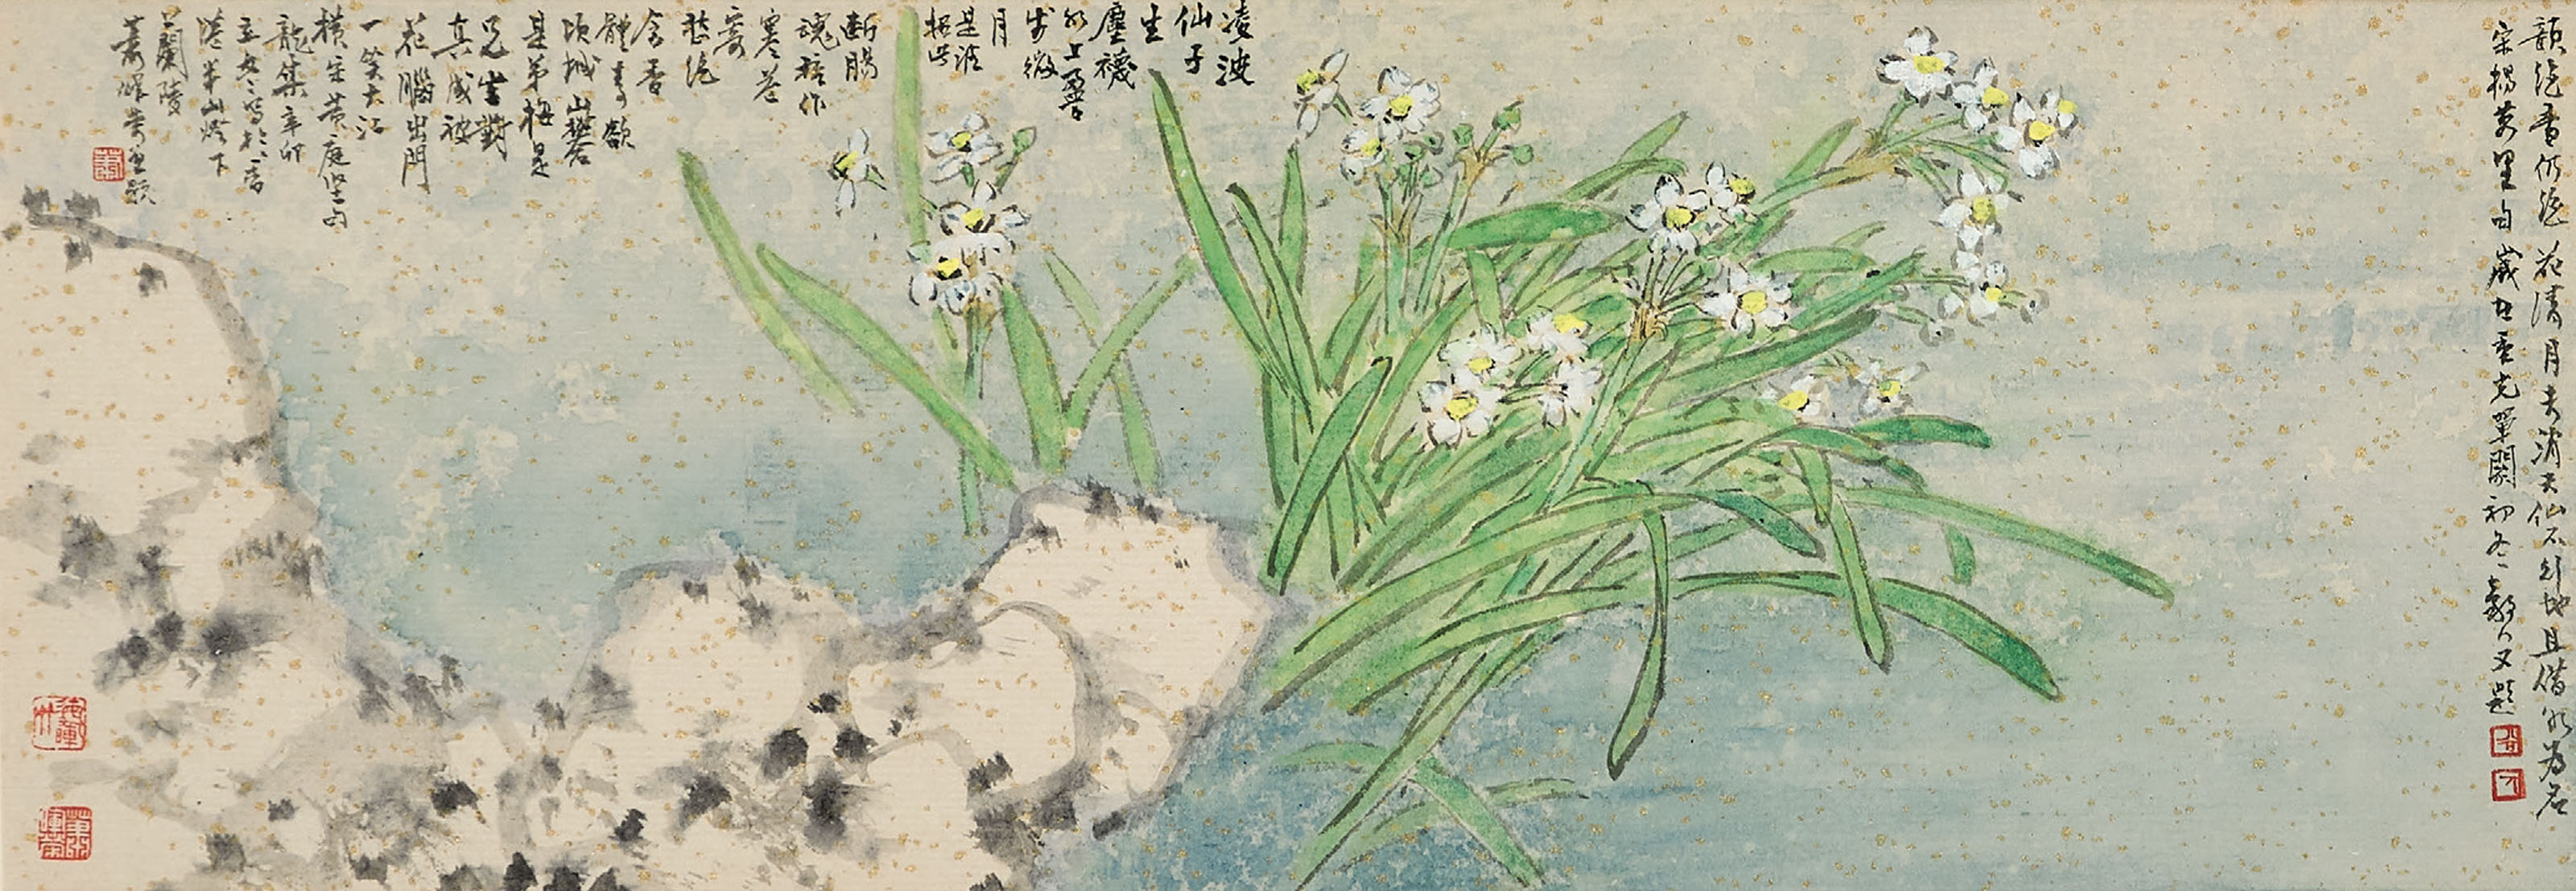 XIAO HUIRONG (SIU FAI WING,